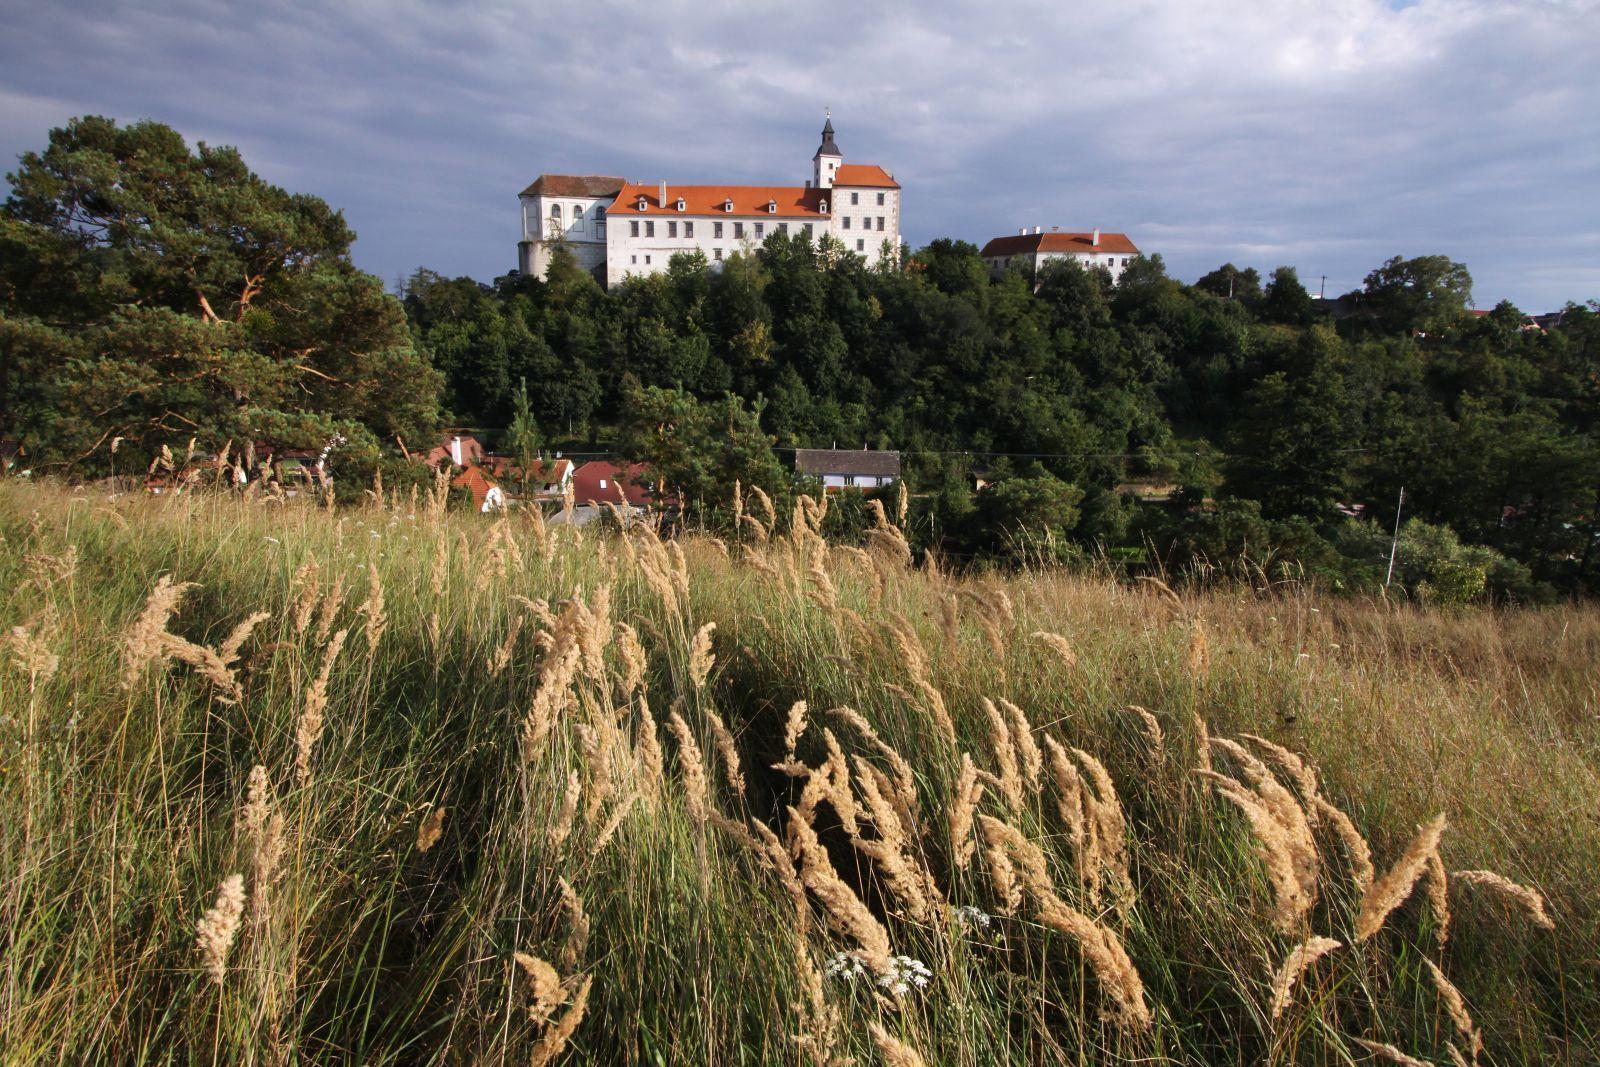 Jevišovice chateau